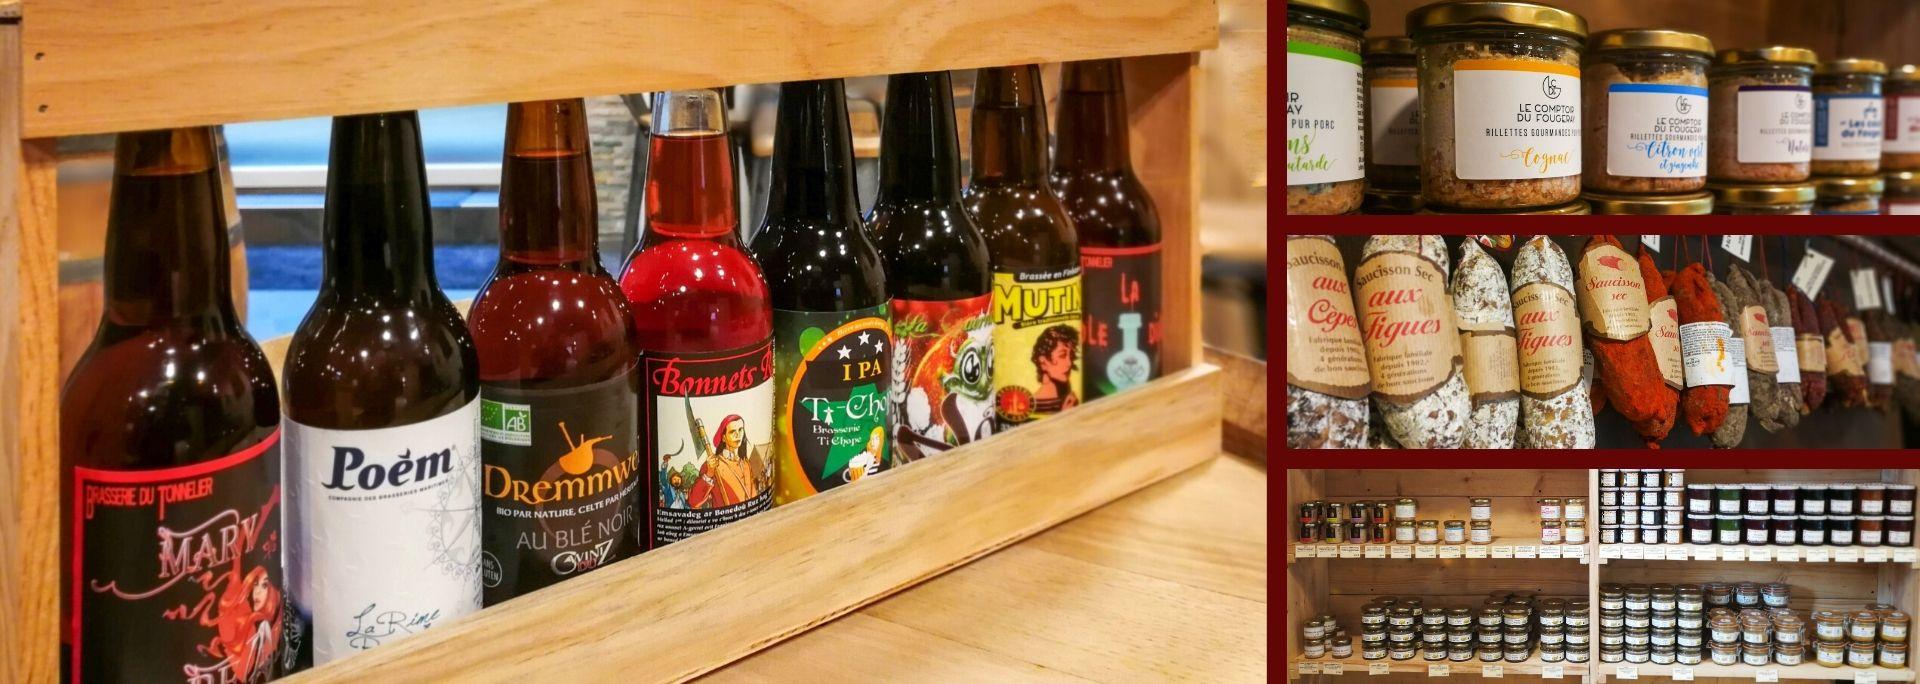 Bières locales et épicerie fine